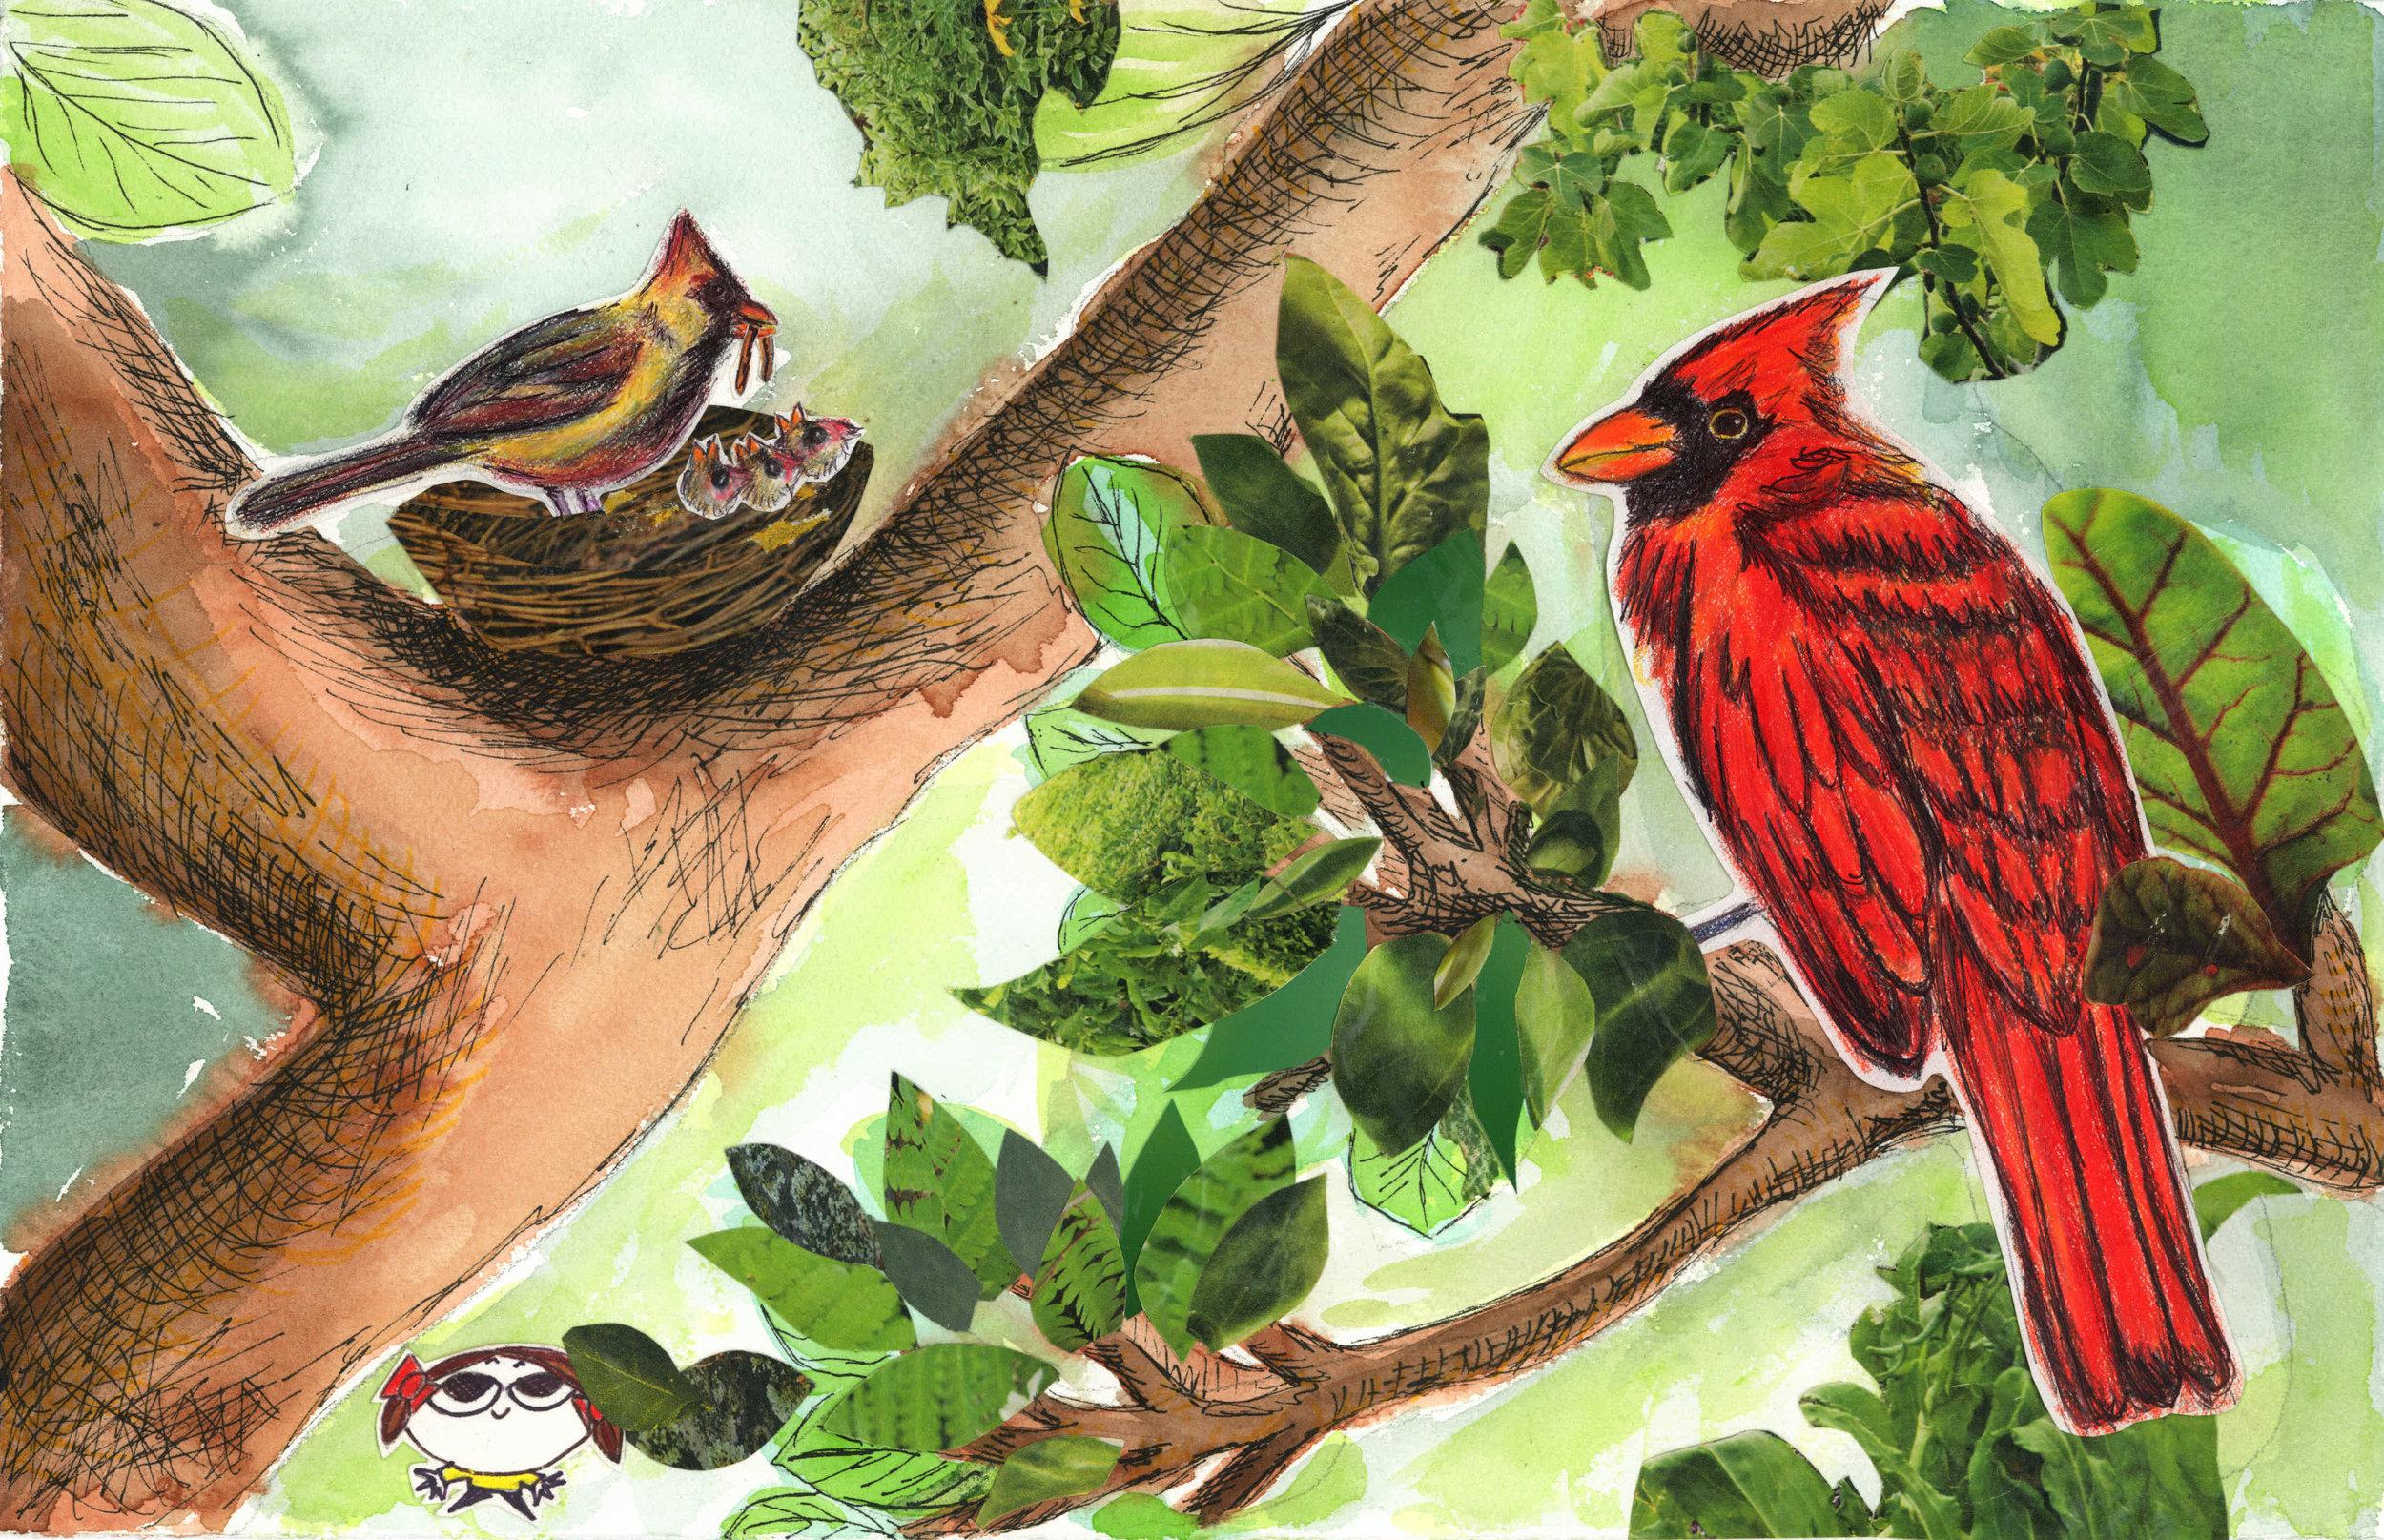 Lula with cardinals